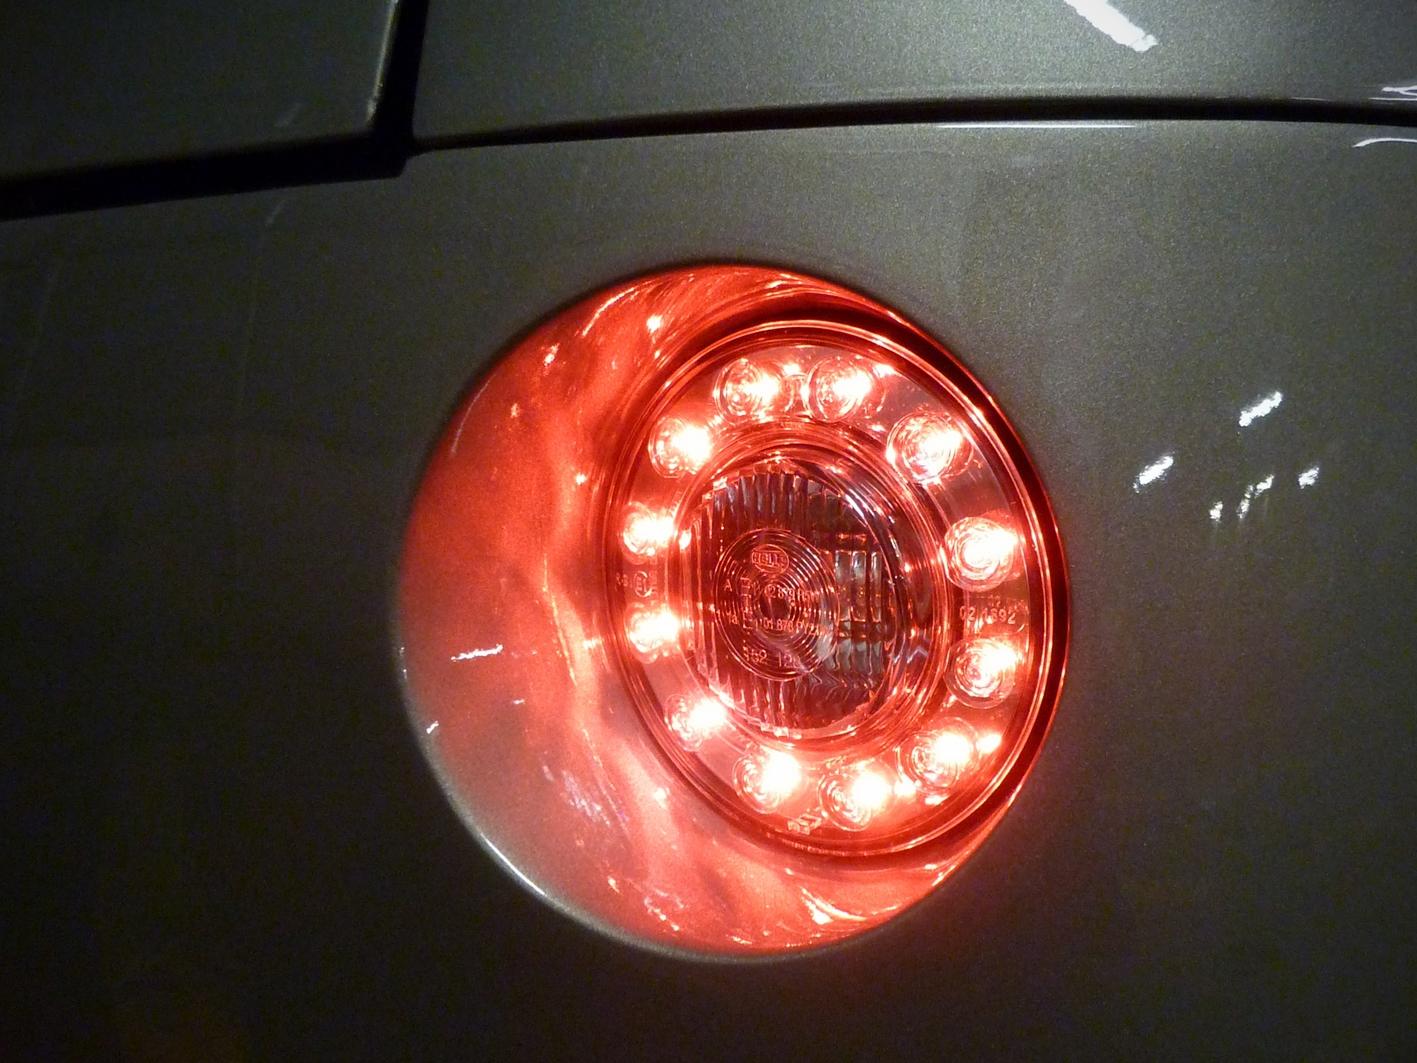 Groozer taillight